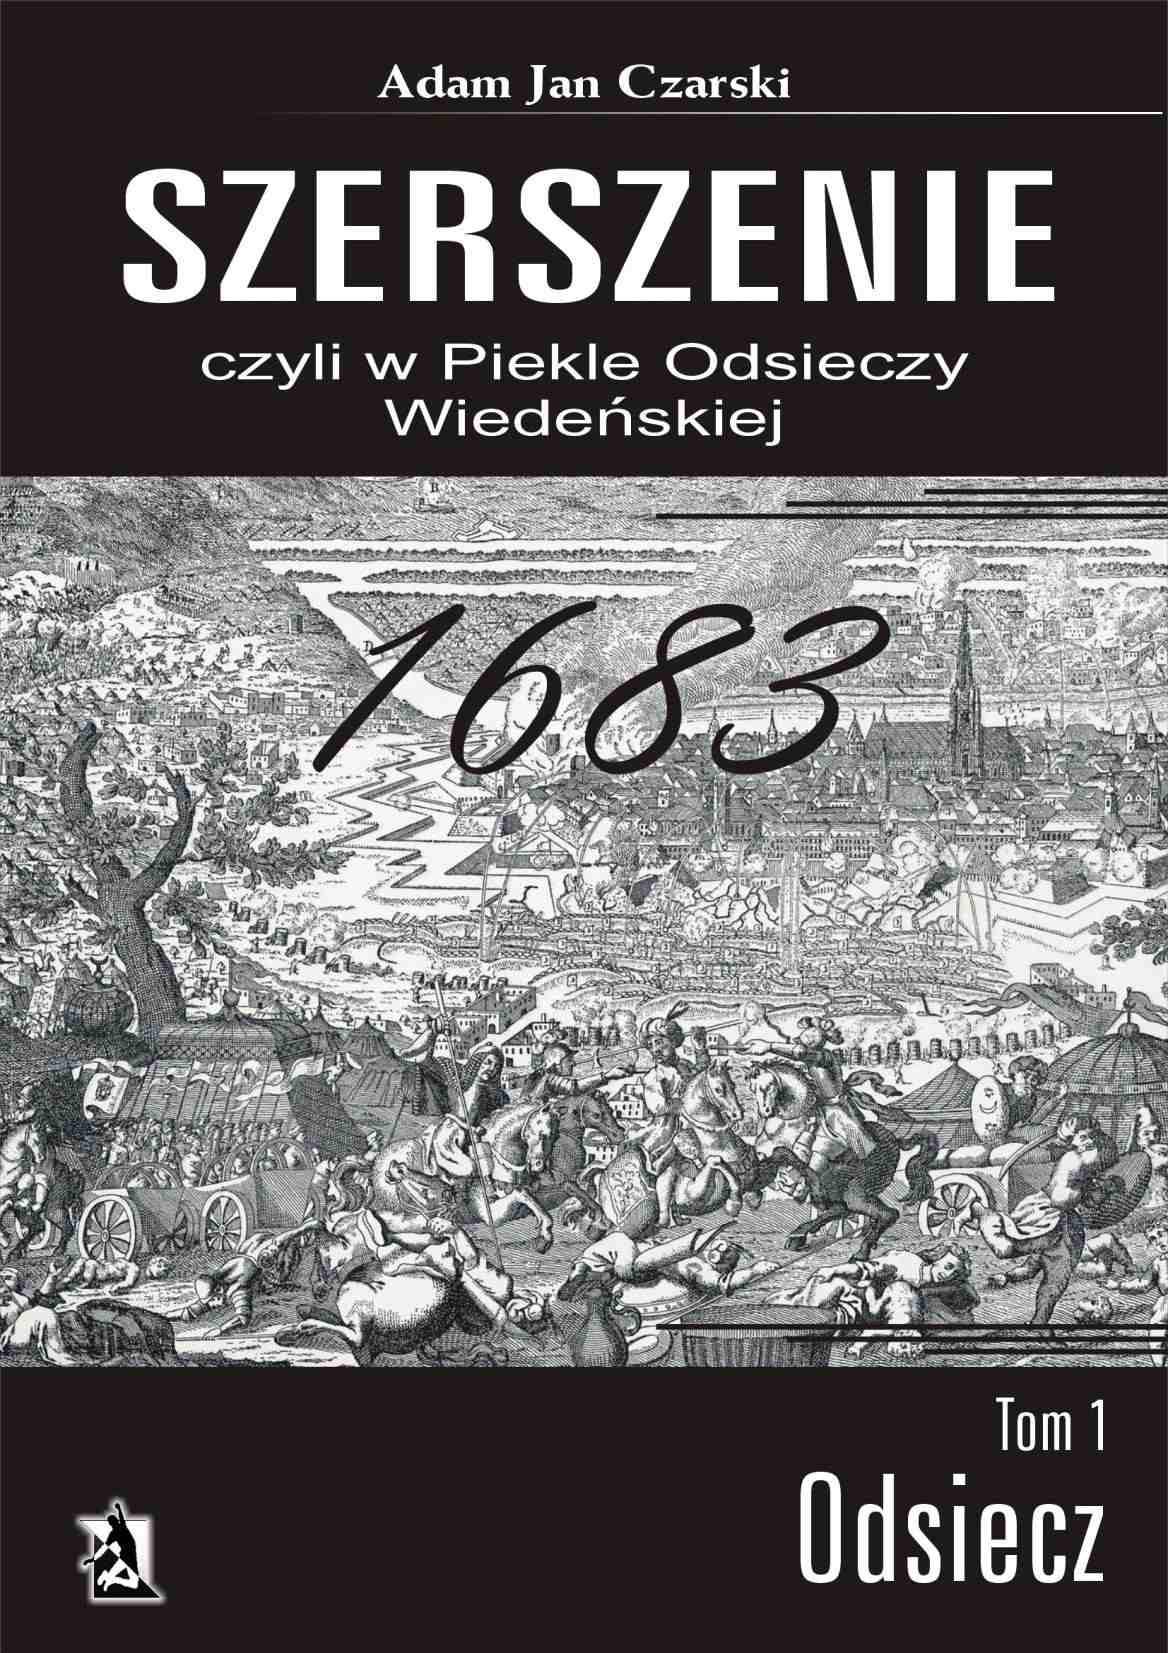 Szerszenie, czyli w piekle Odsieczy Wiedeńskiej. Tom I Odsiecz - Ebook (Książka na Kindle) do pobrania w formacie MOBI